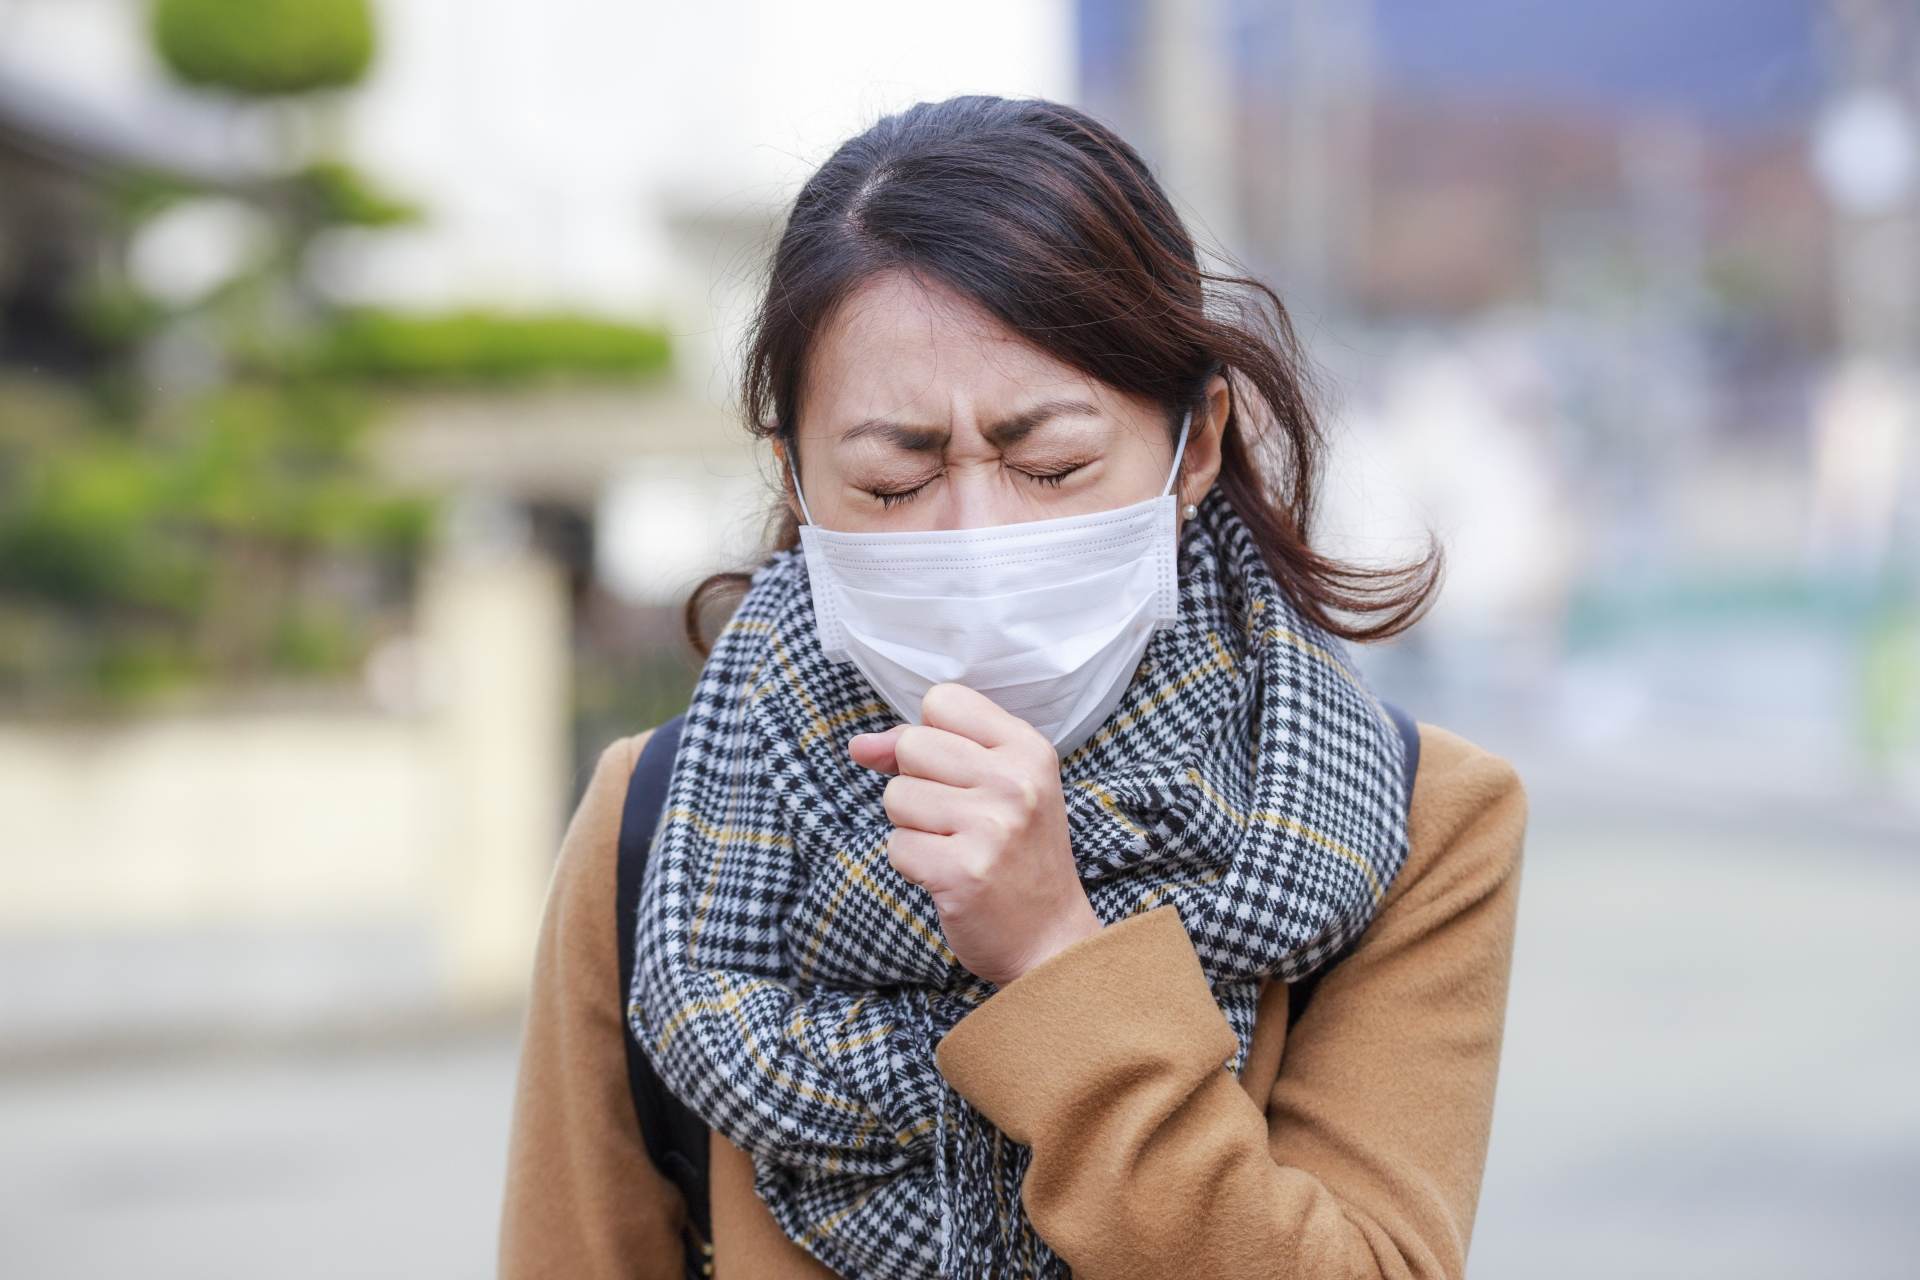 はちみつが風邪に効くって本当?